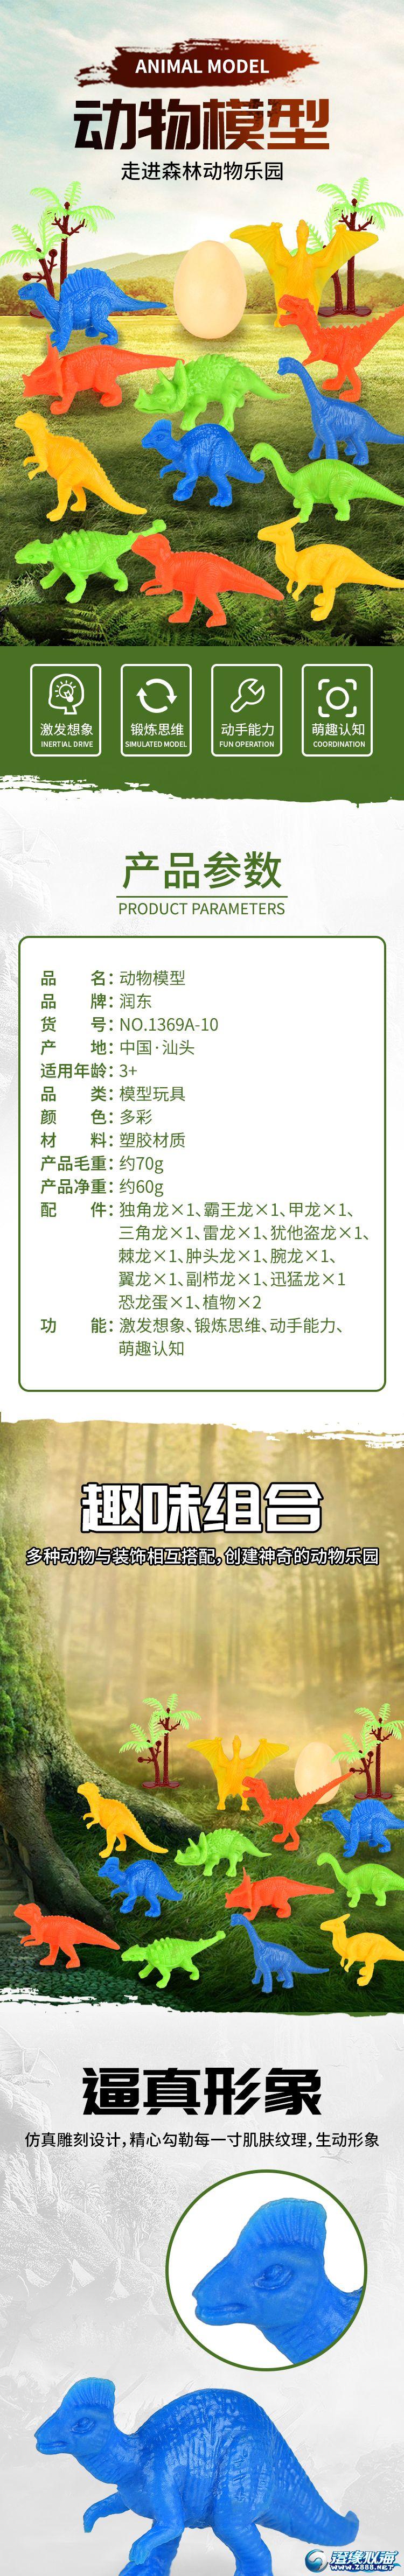 润东玩具厂-(1369A-10)-动物模型-中文版详情页_01.jpg